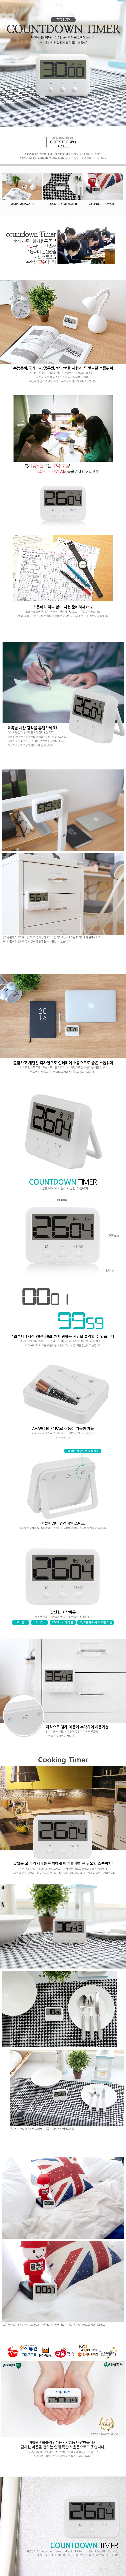 시험대비 연습용 스톱워치 타이머 Countdown - 히키스, 9,900원, 데스크소품, 스톱워치/수능시계